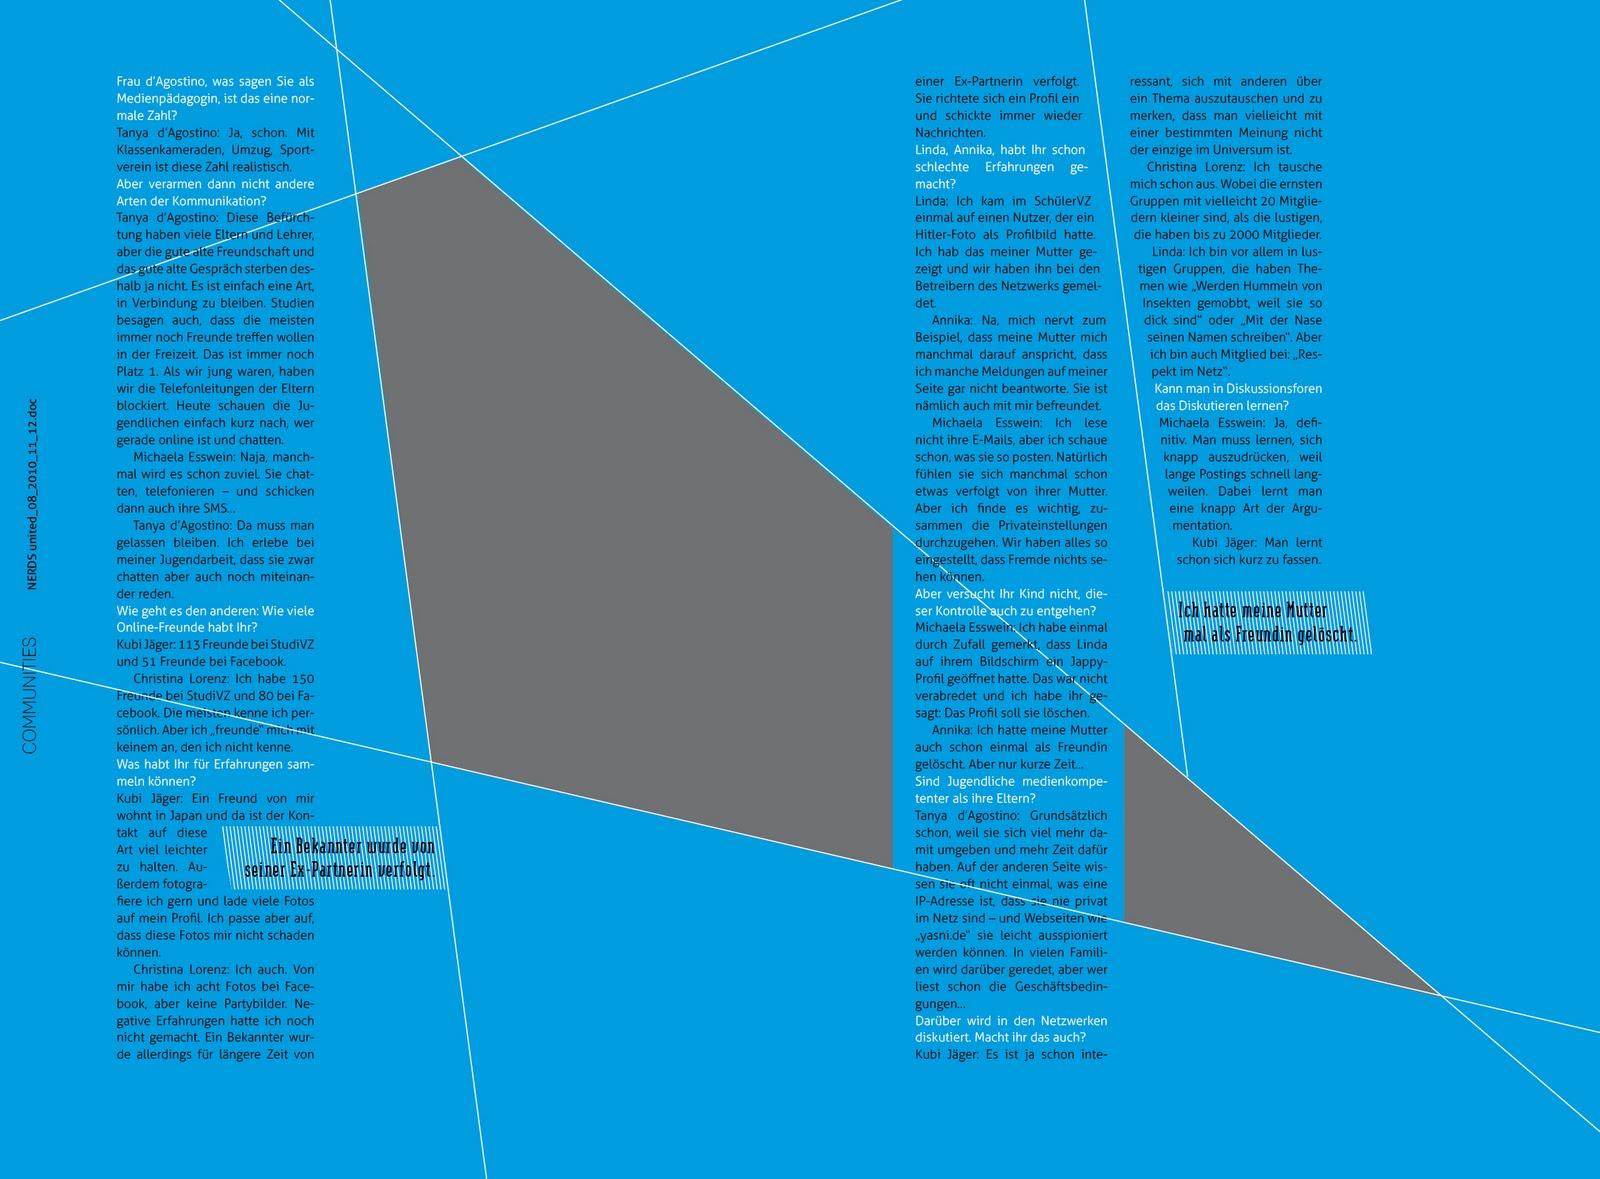 mashababko: Wallpaper Erstellen Programm